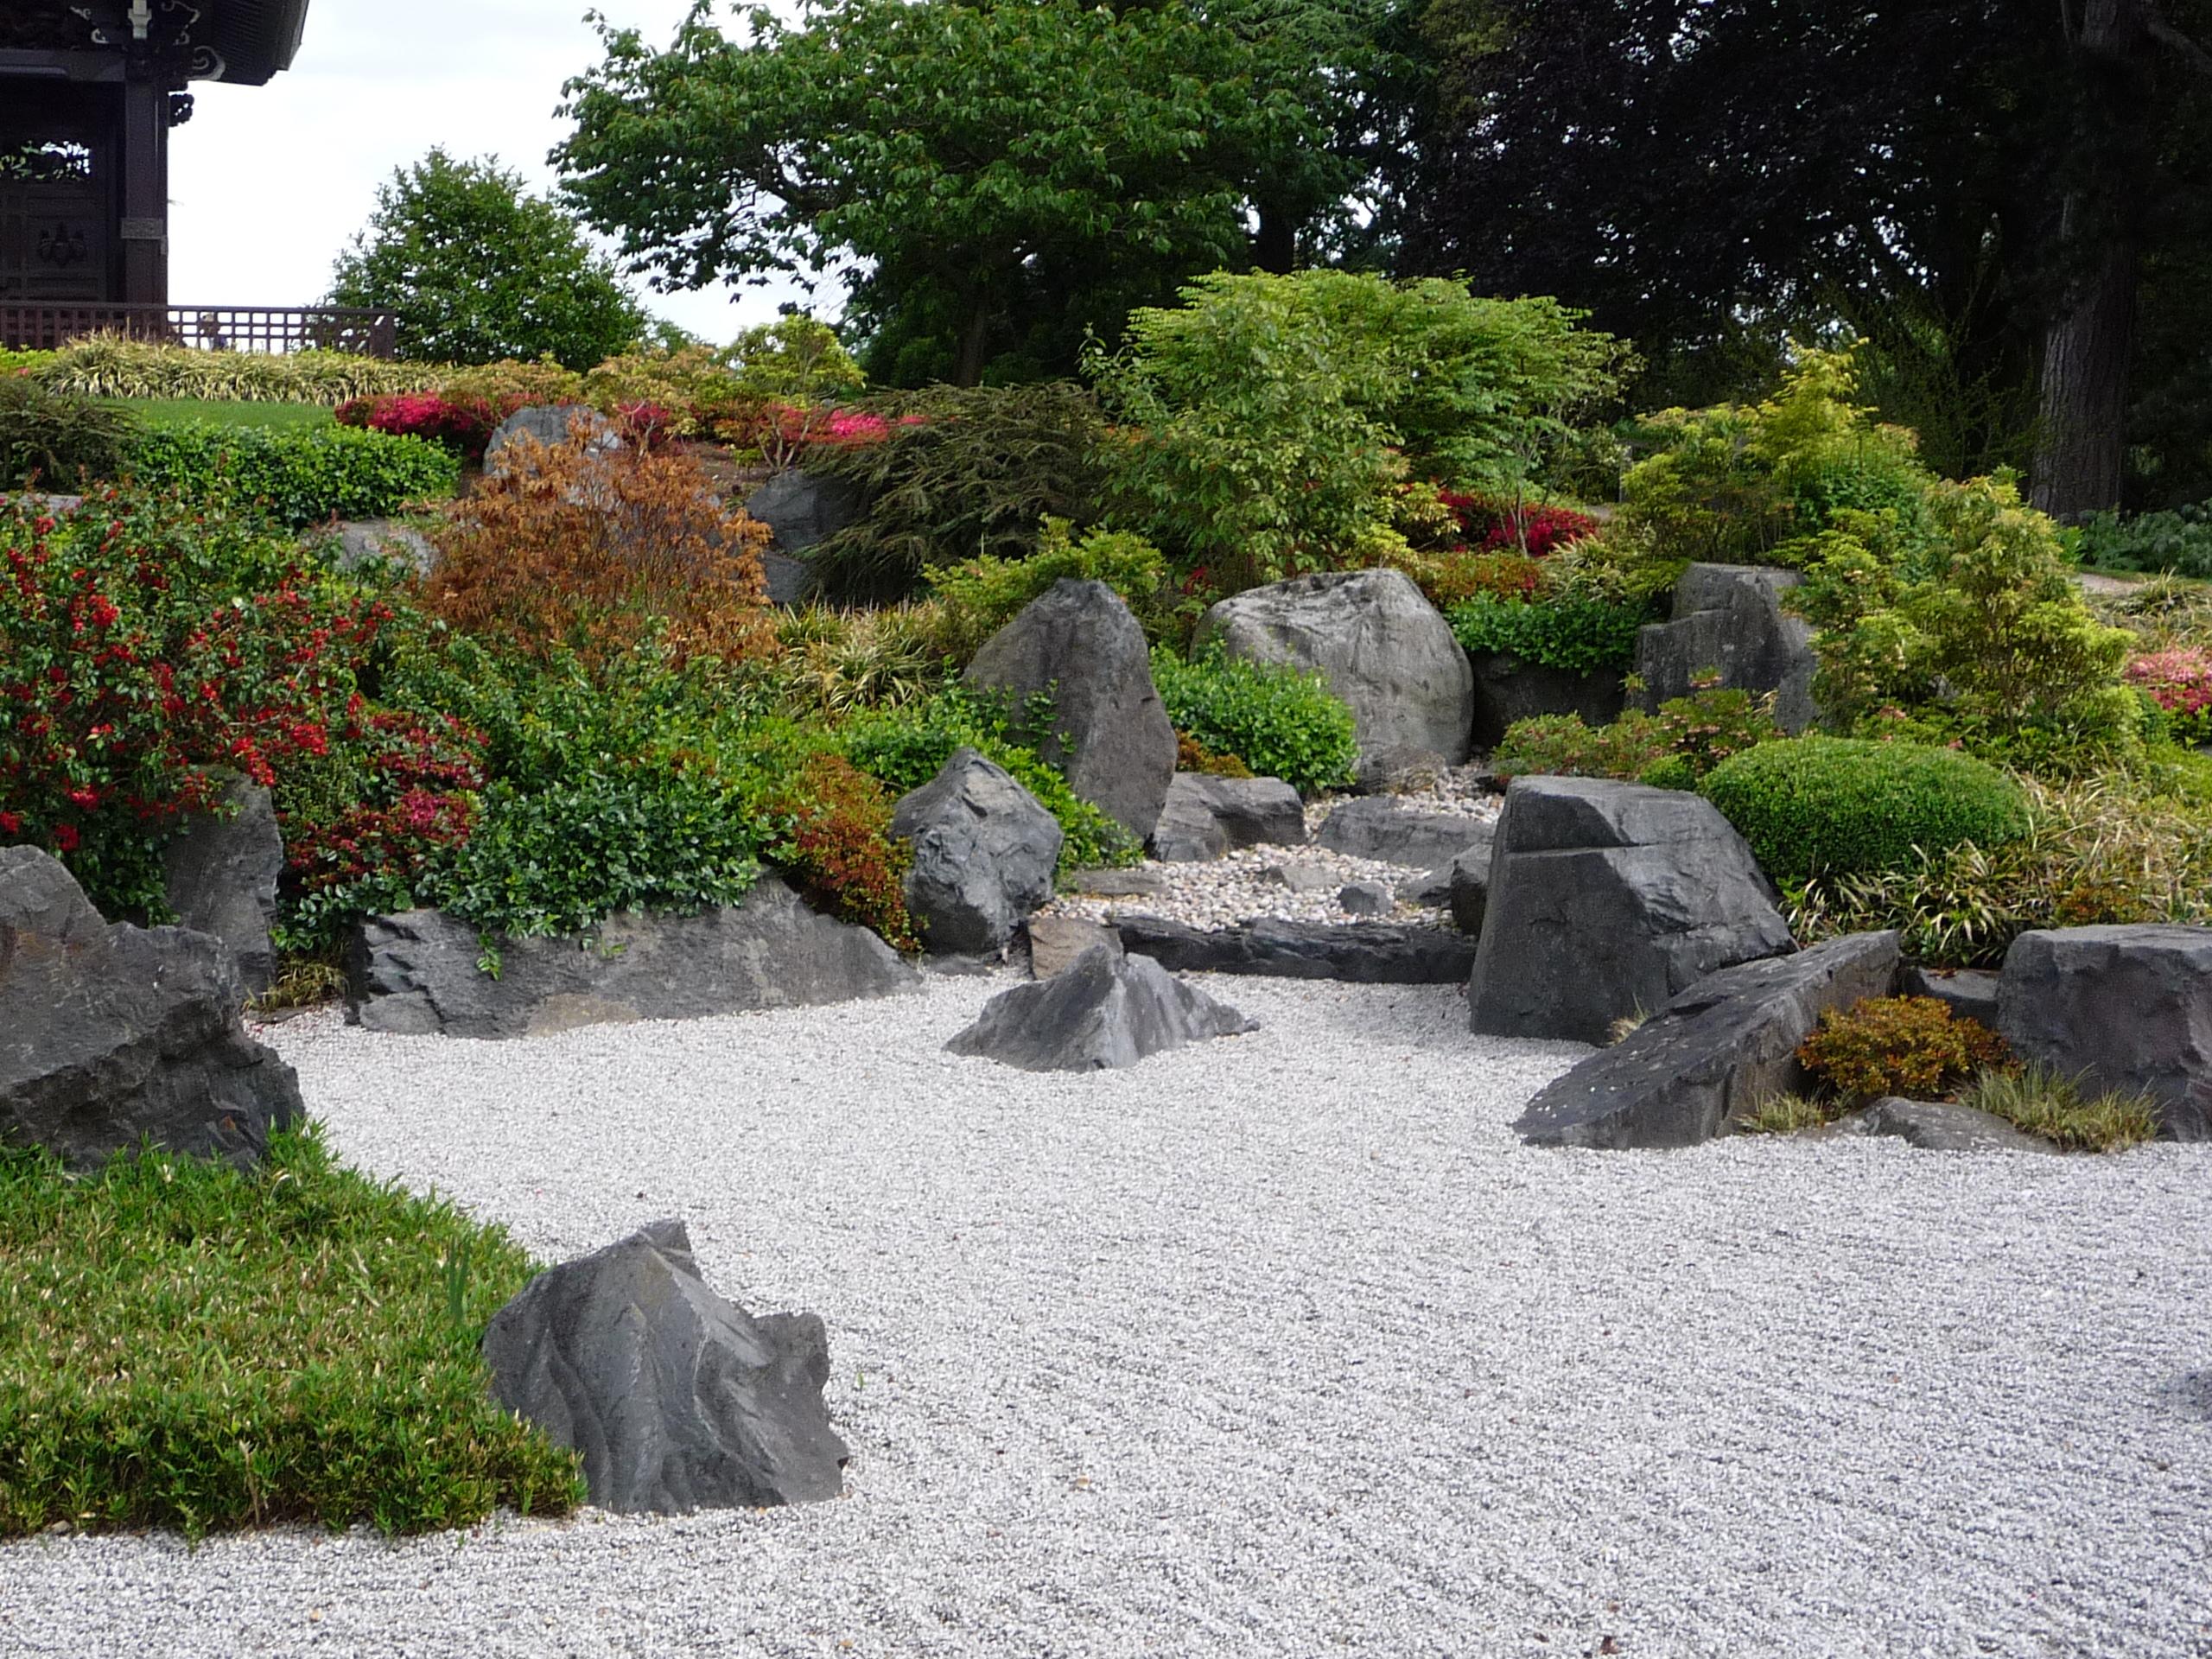 Garden of Activity